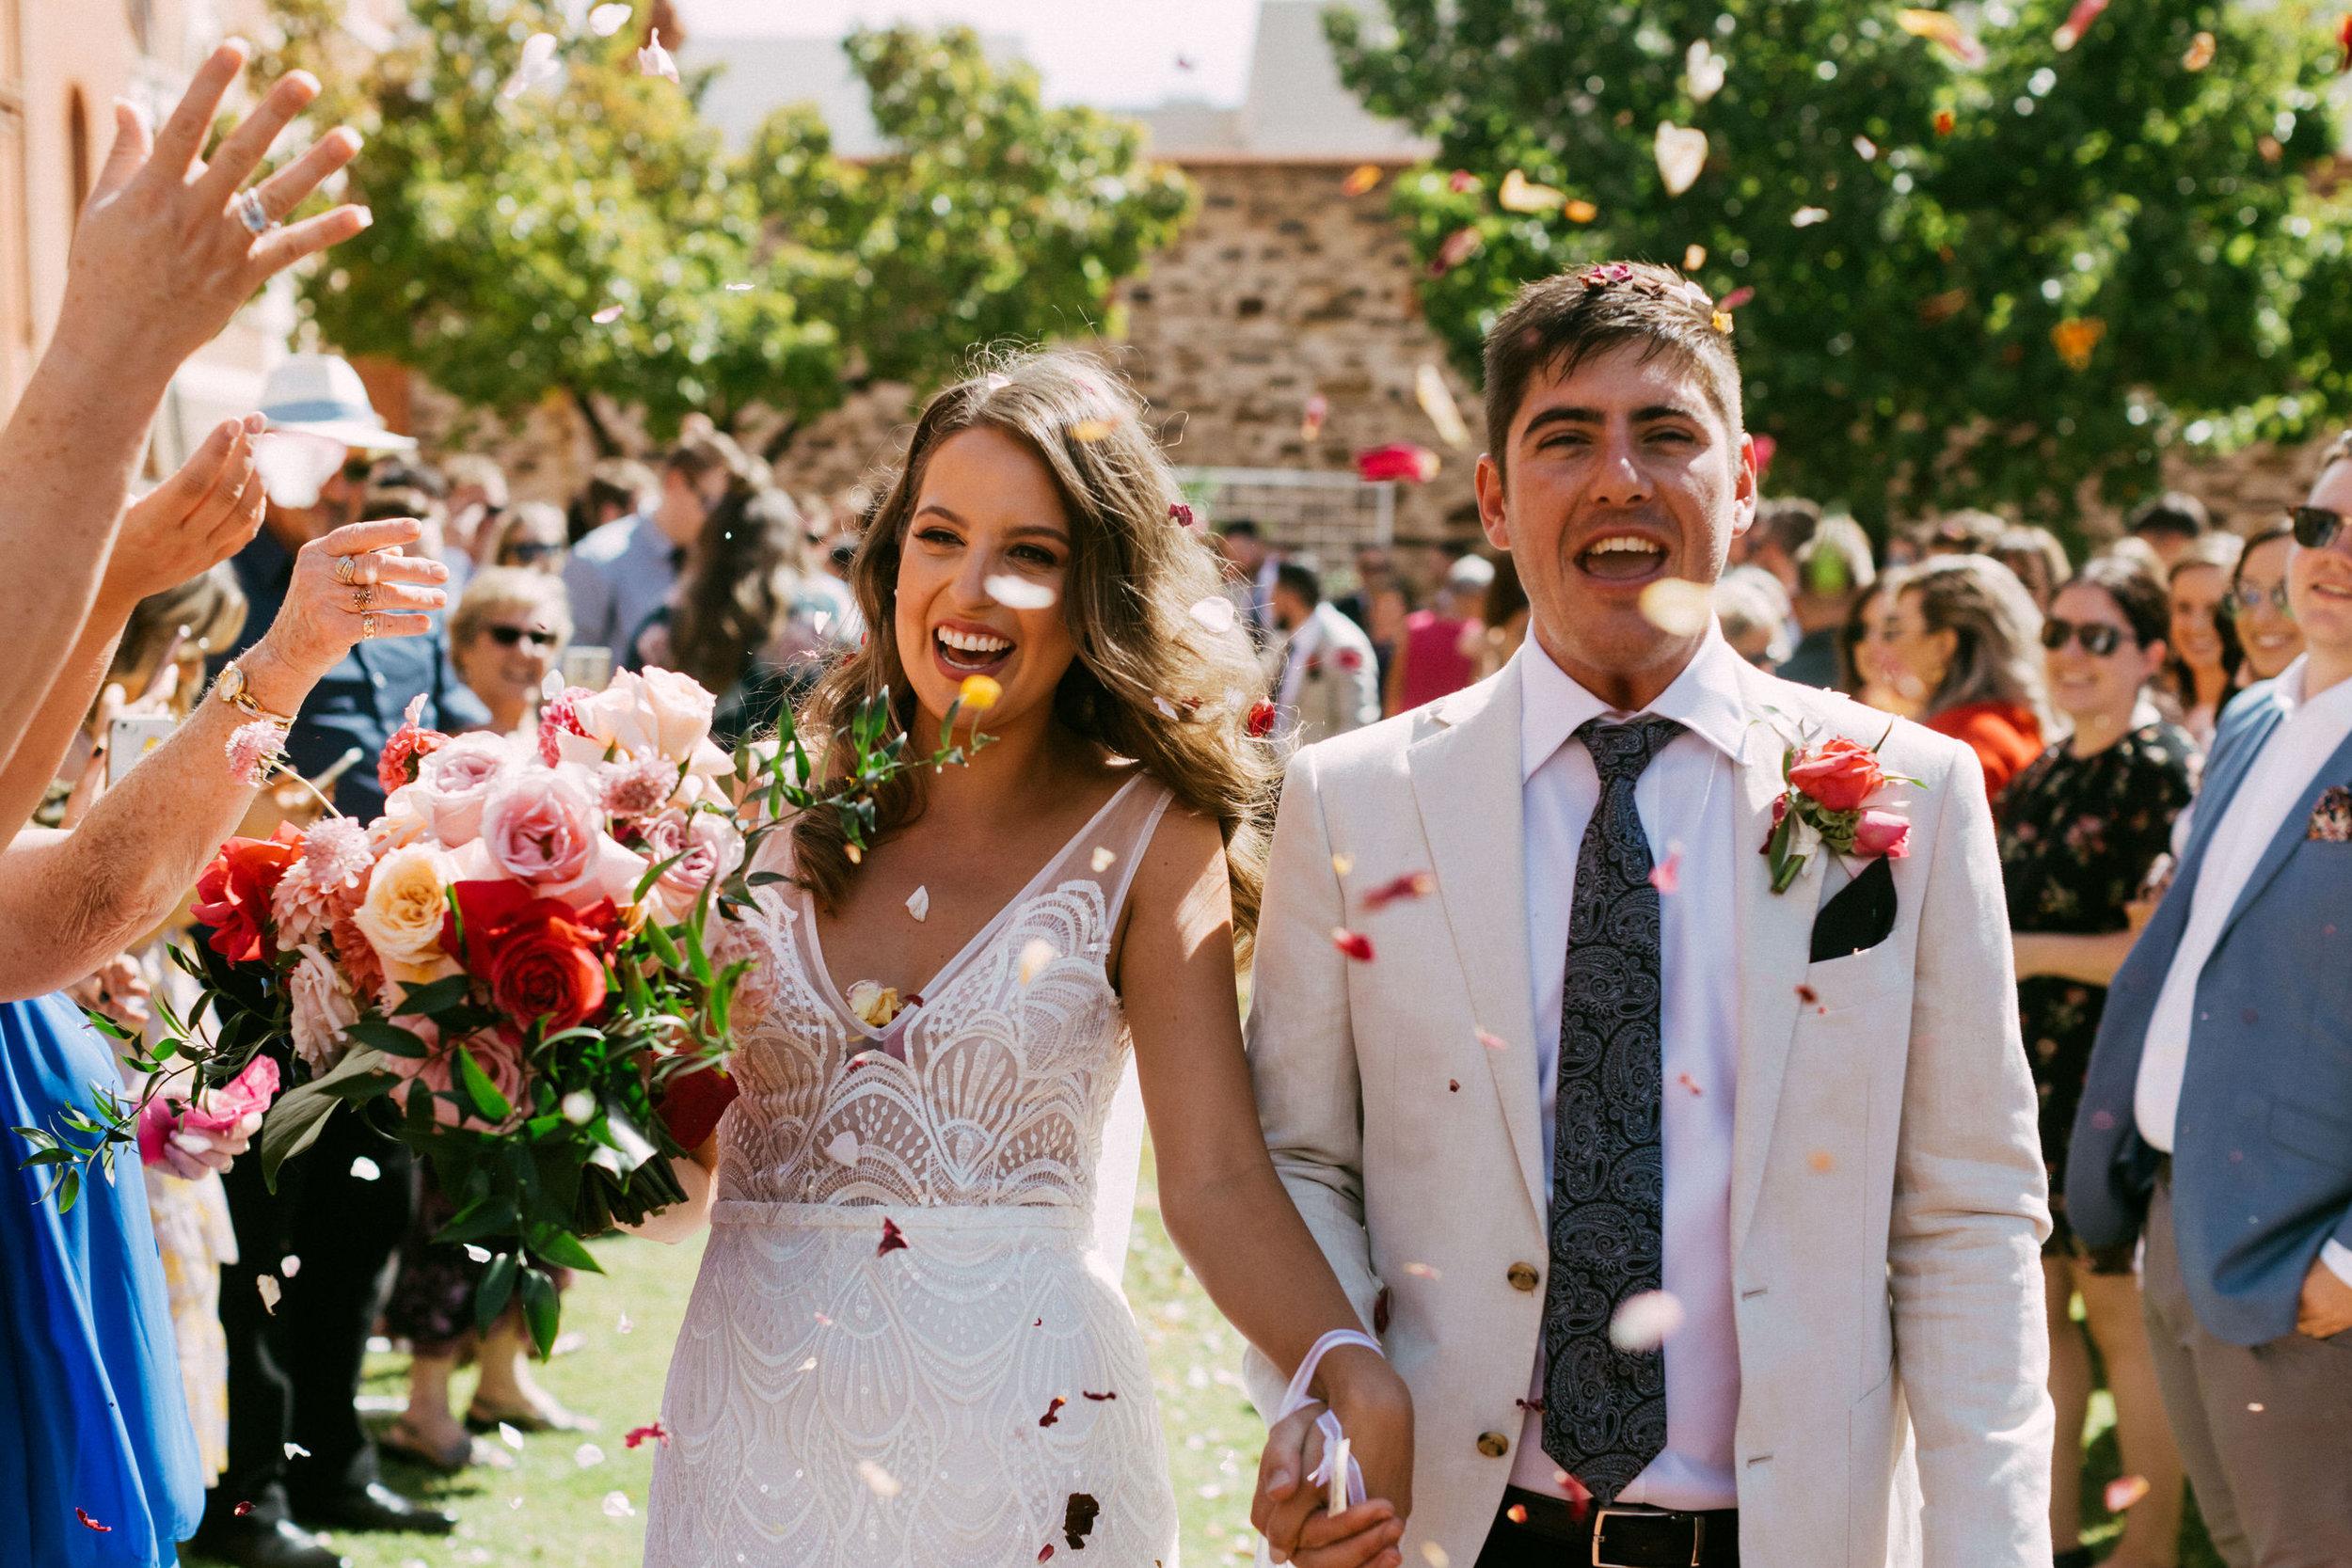 Adelaide City Fringe Garden Unearthly Delight Wedding 050.jpg